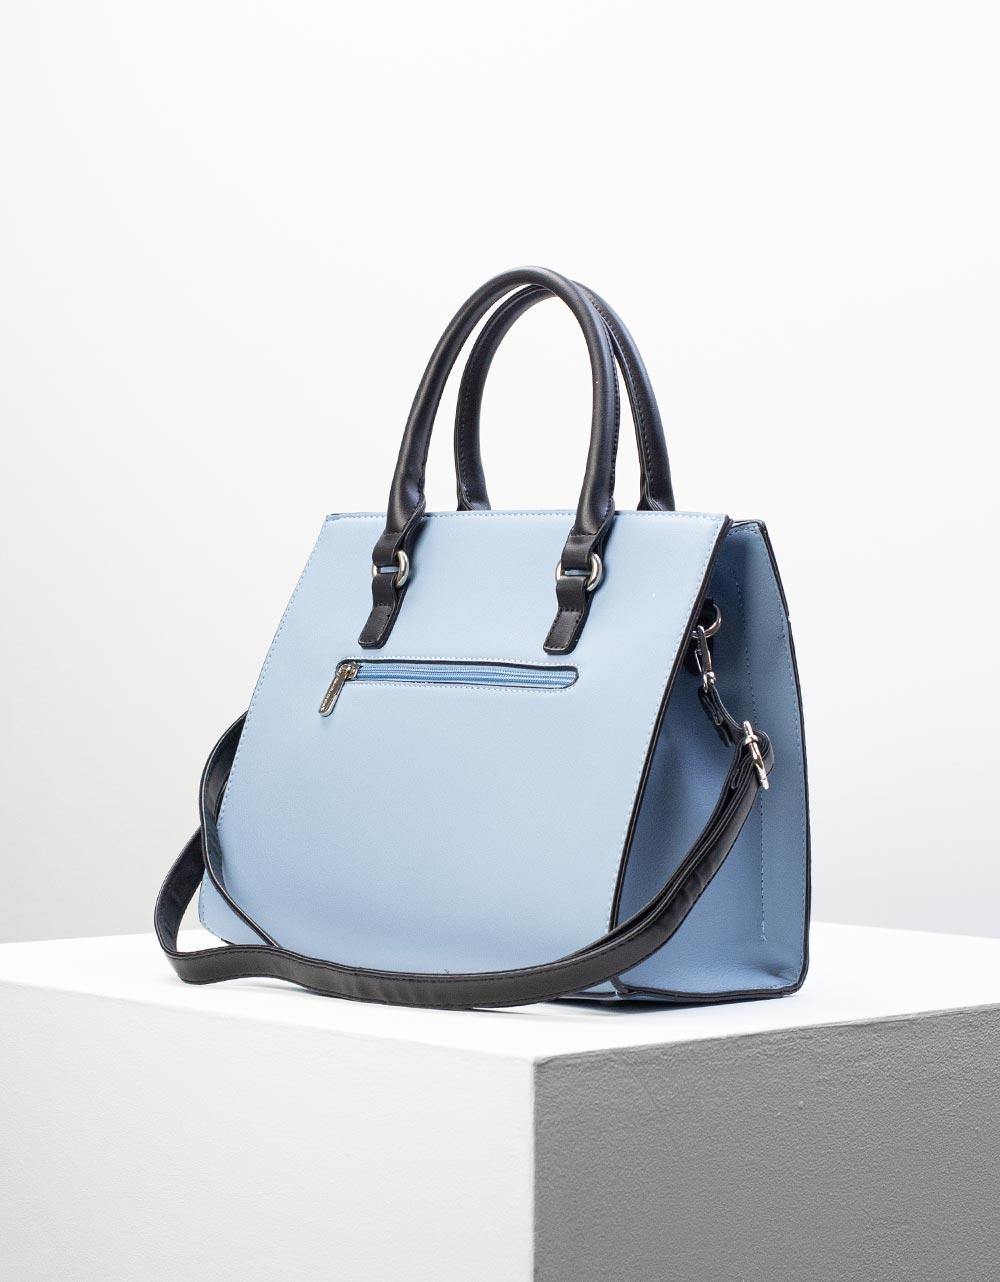 Εικόνα από Γυναικεία τσάντα χειρός με δίχρωμη λεπτομέρεια Σιέλ